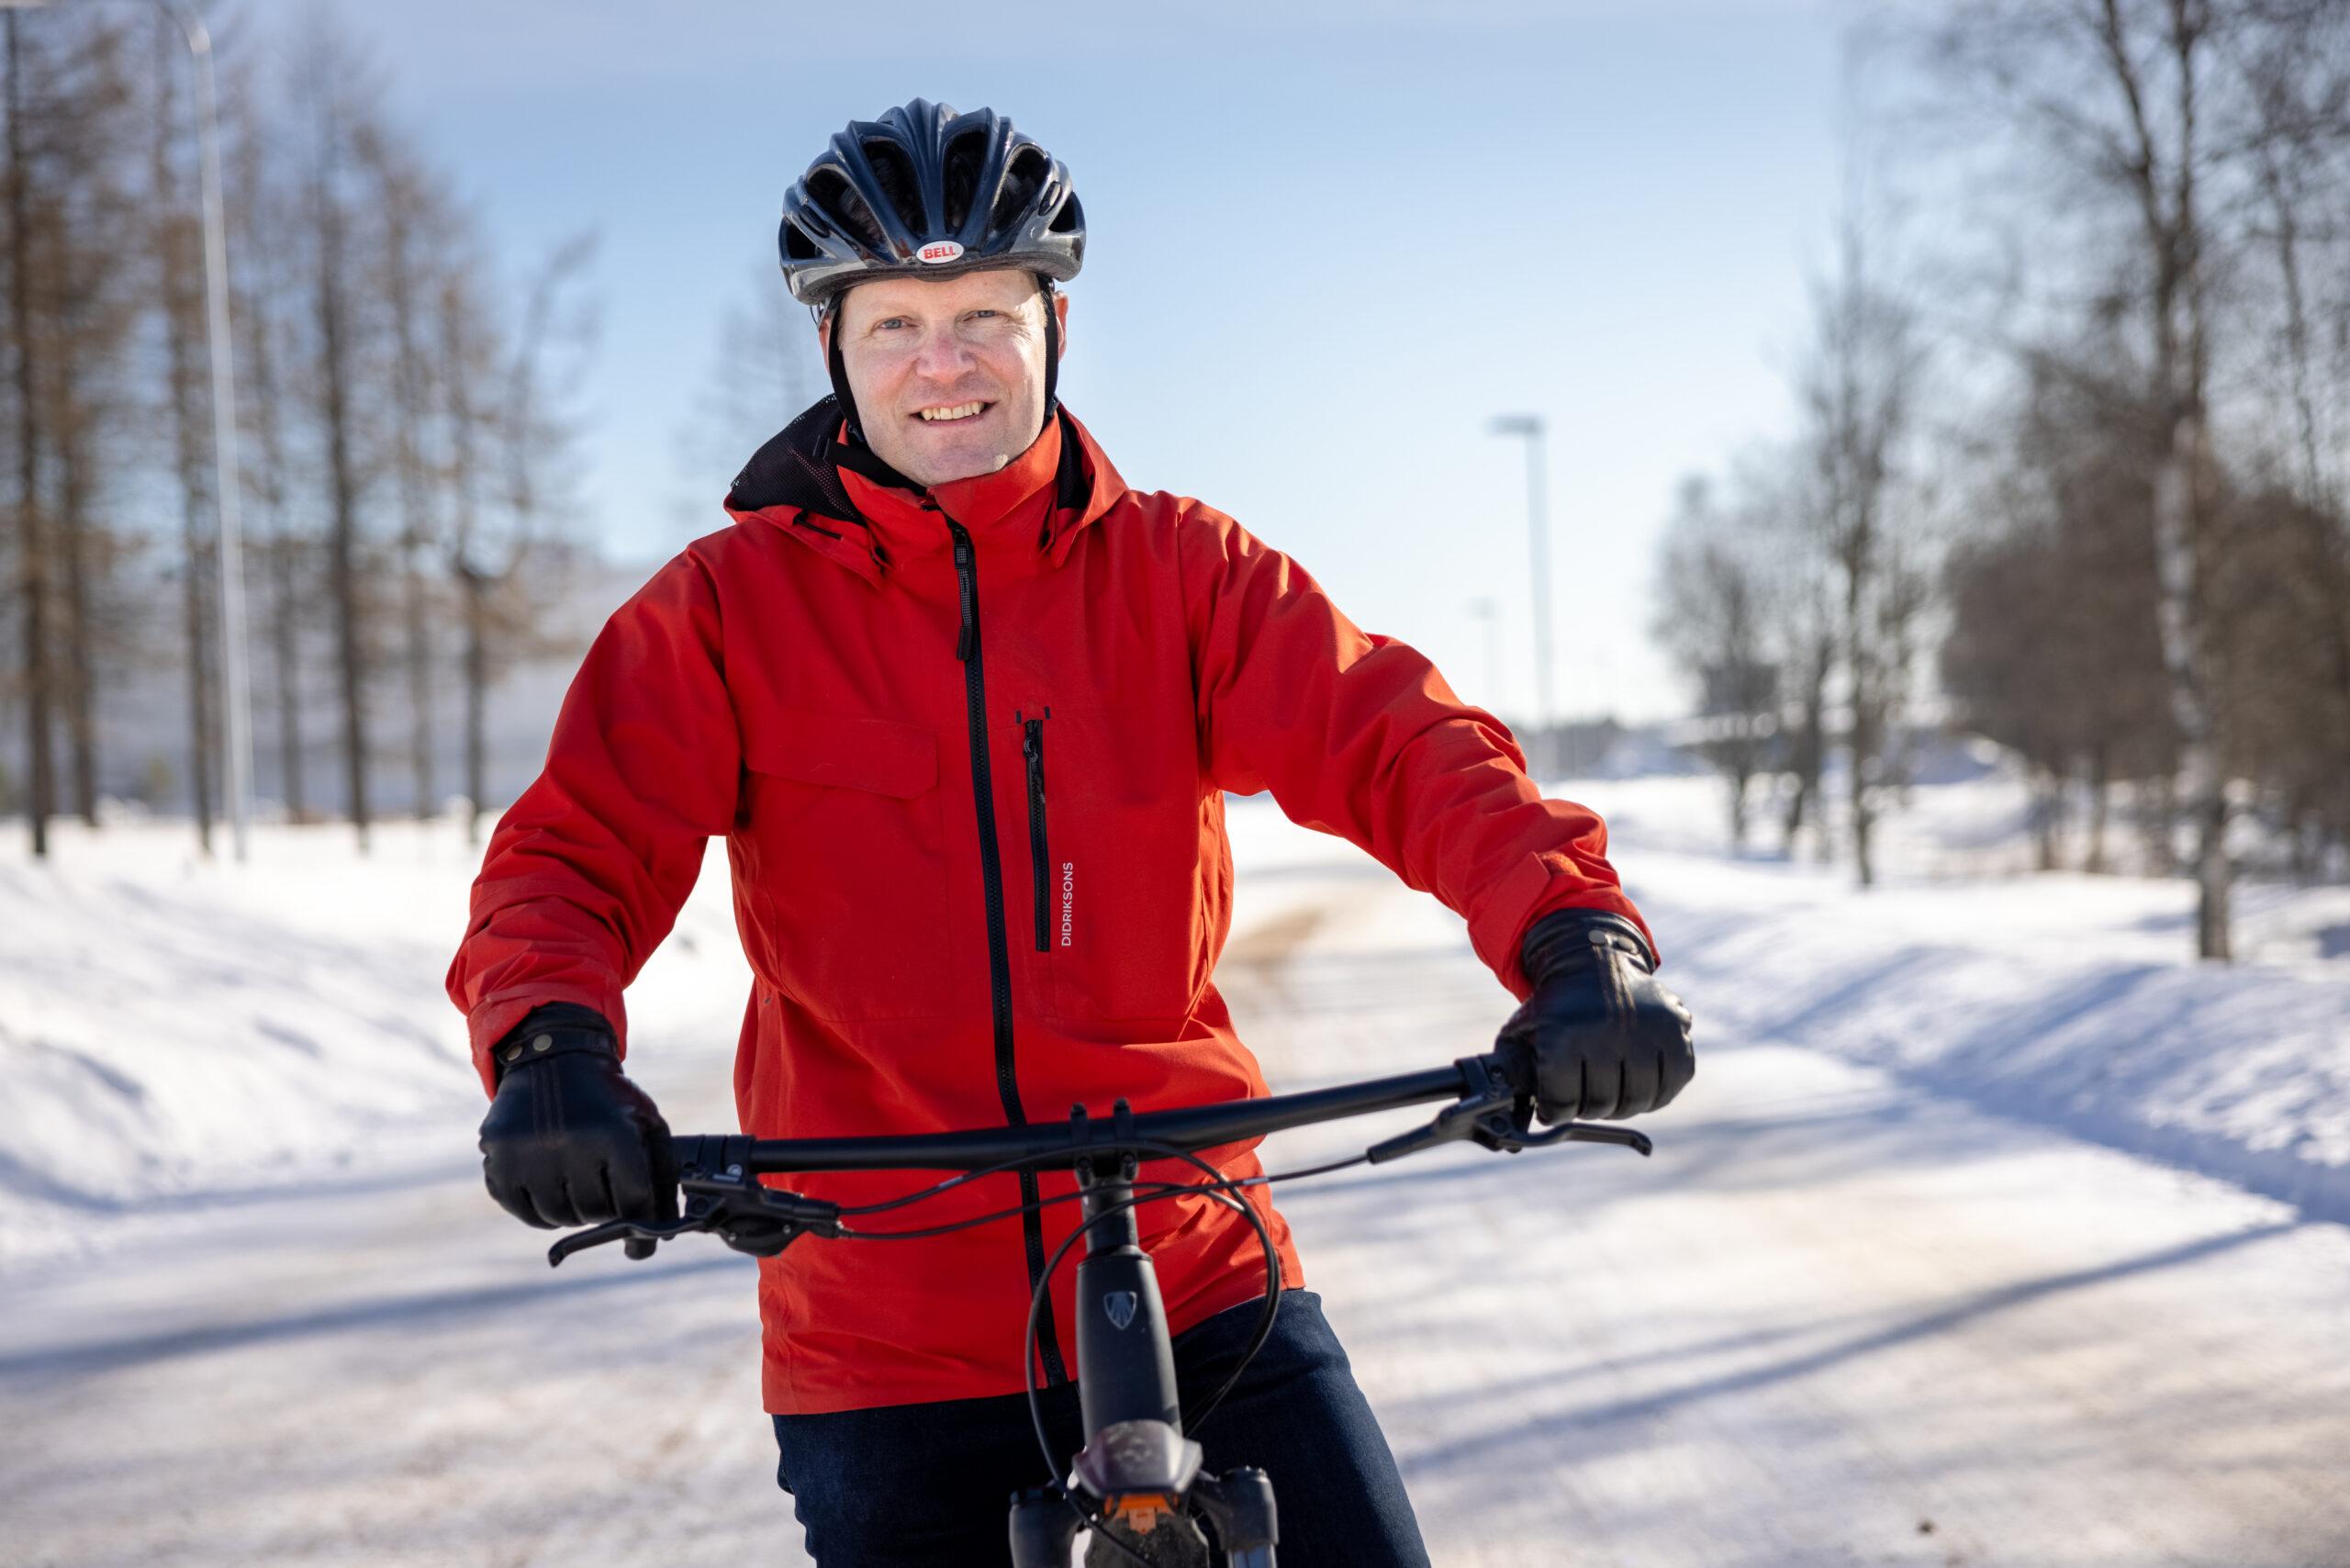 Mies poseeraa hymyillen talvisessa maisemassa pyörän kanssa ja kypärä päässä.